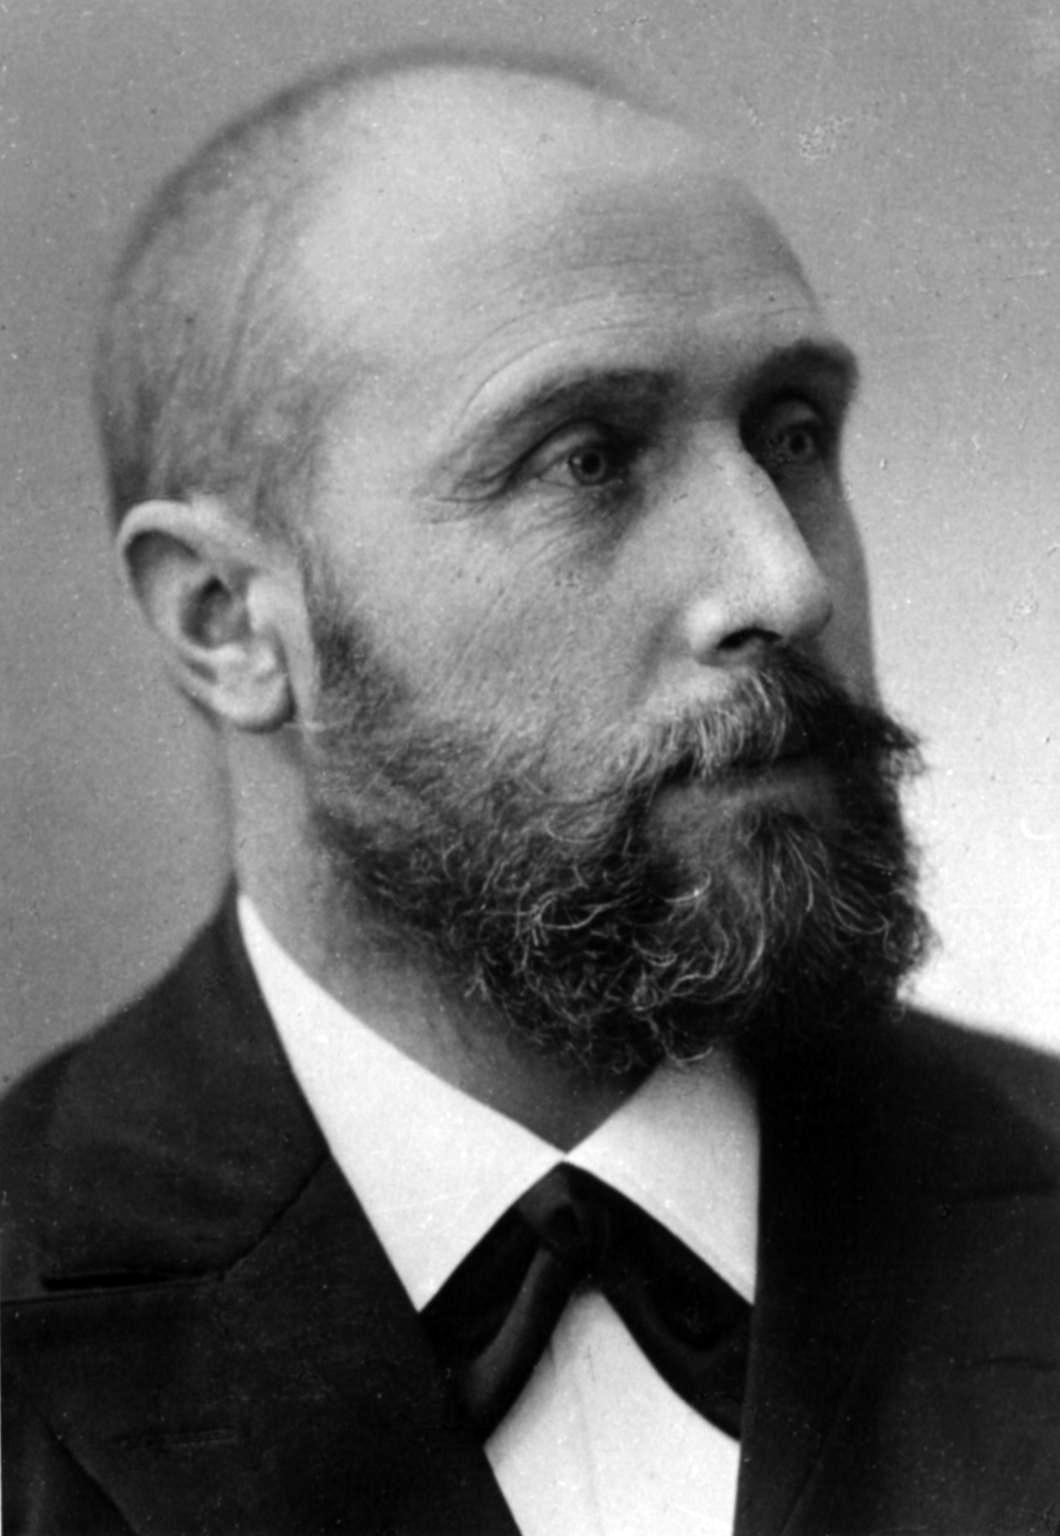 Hubert Engels